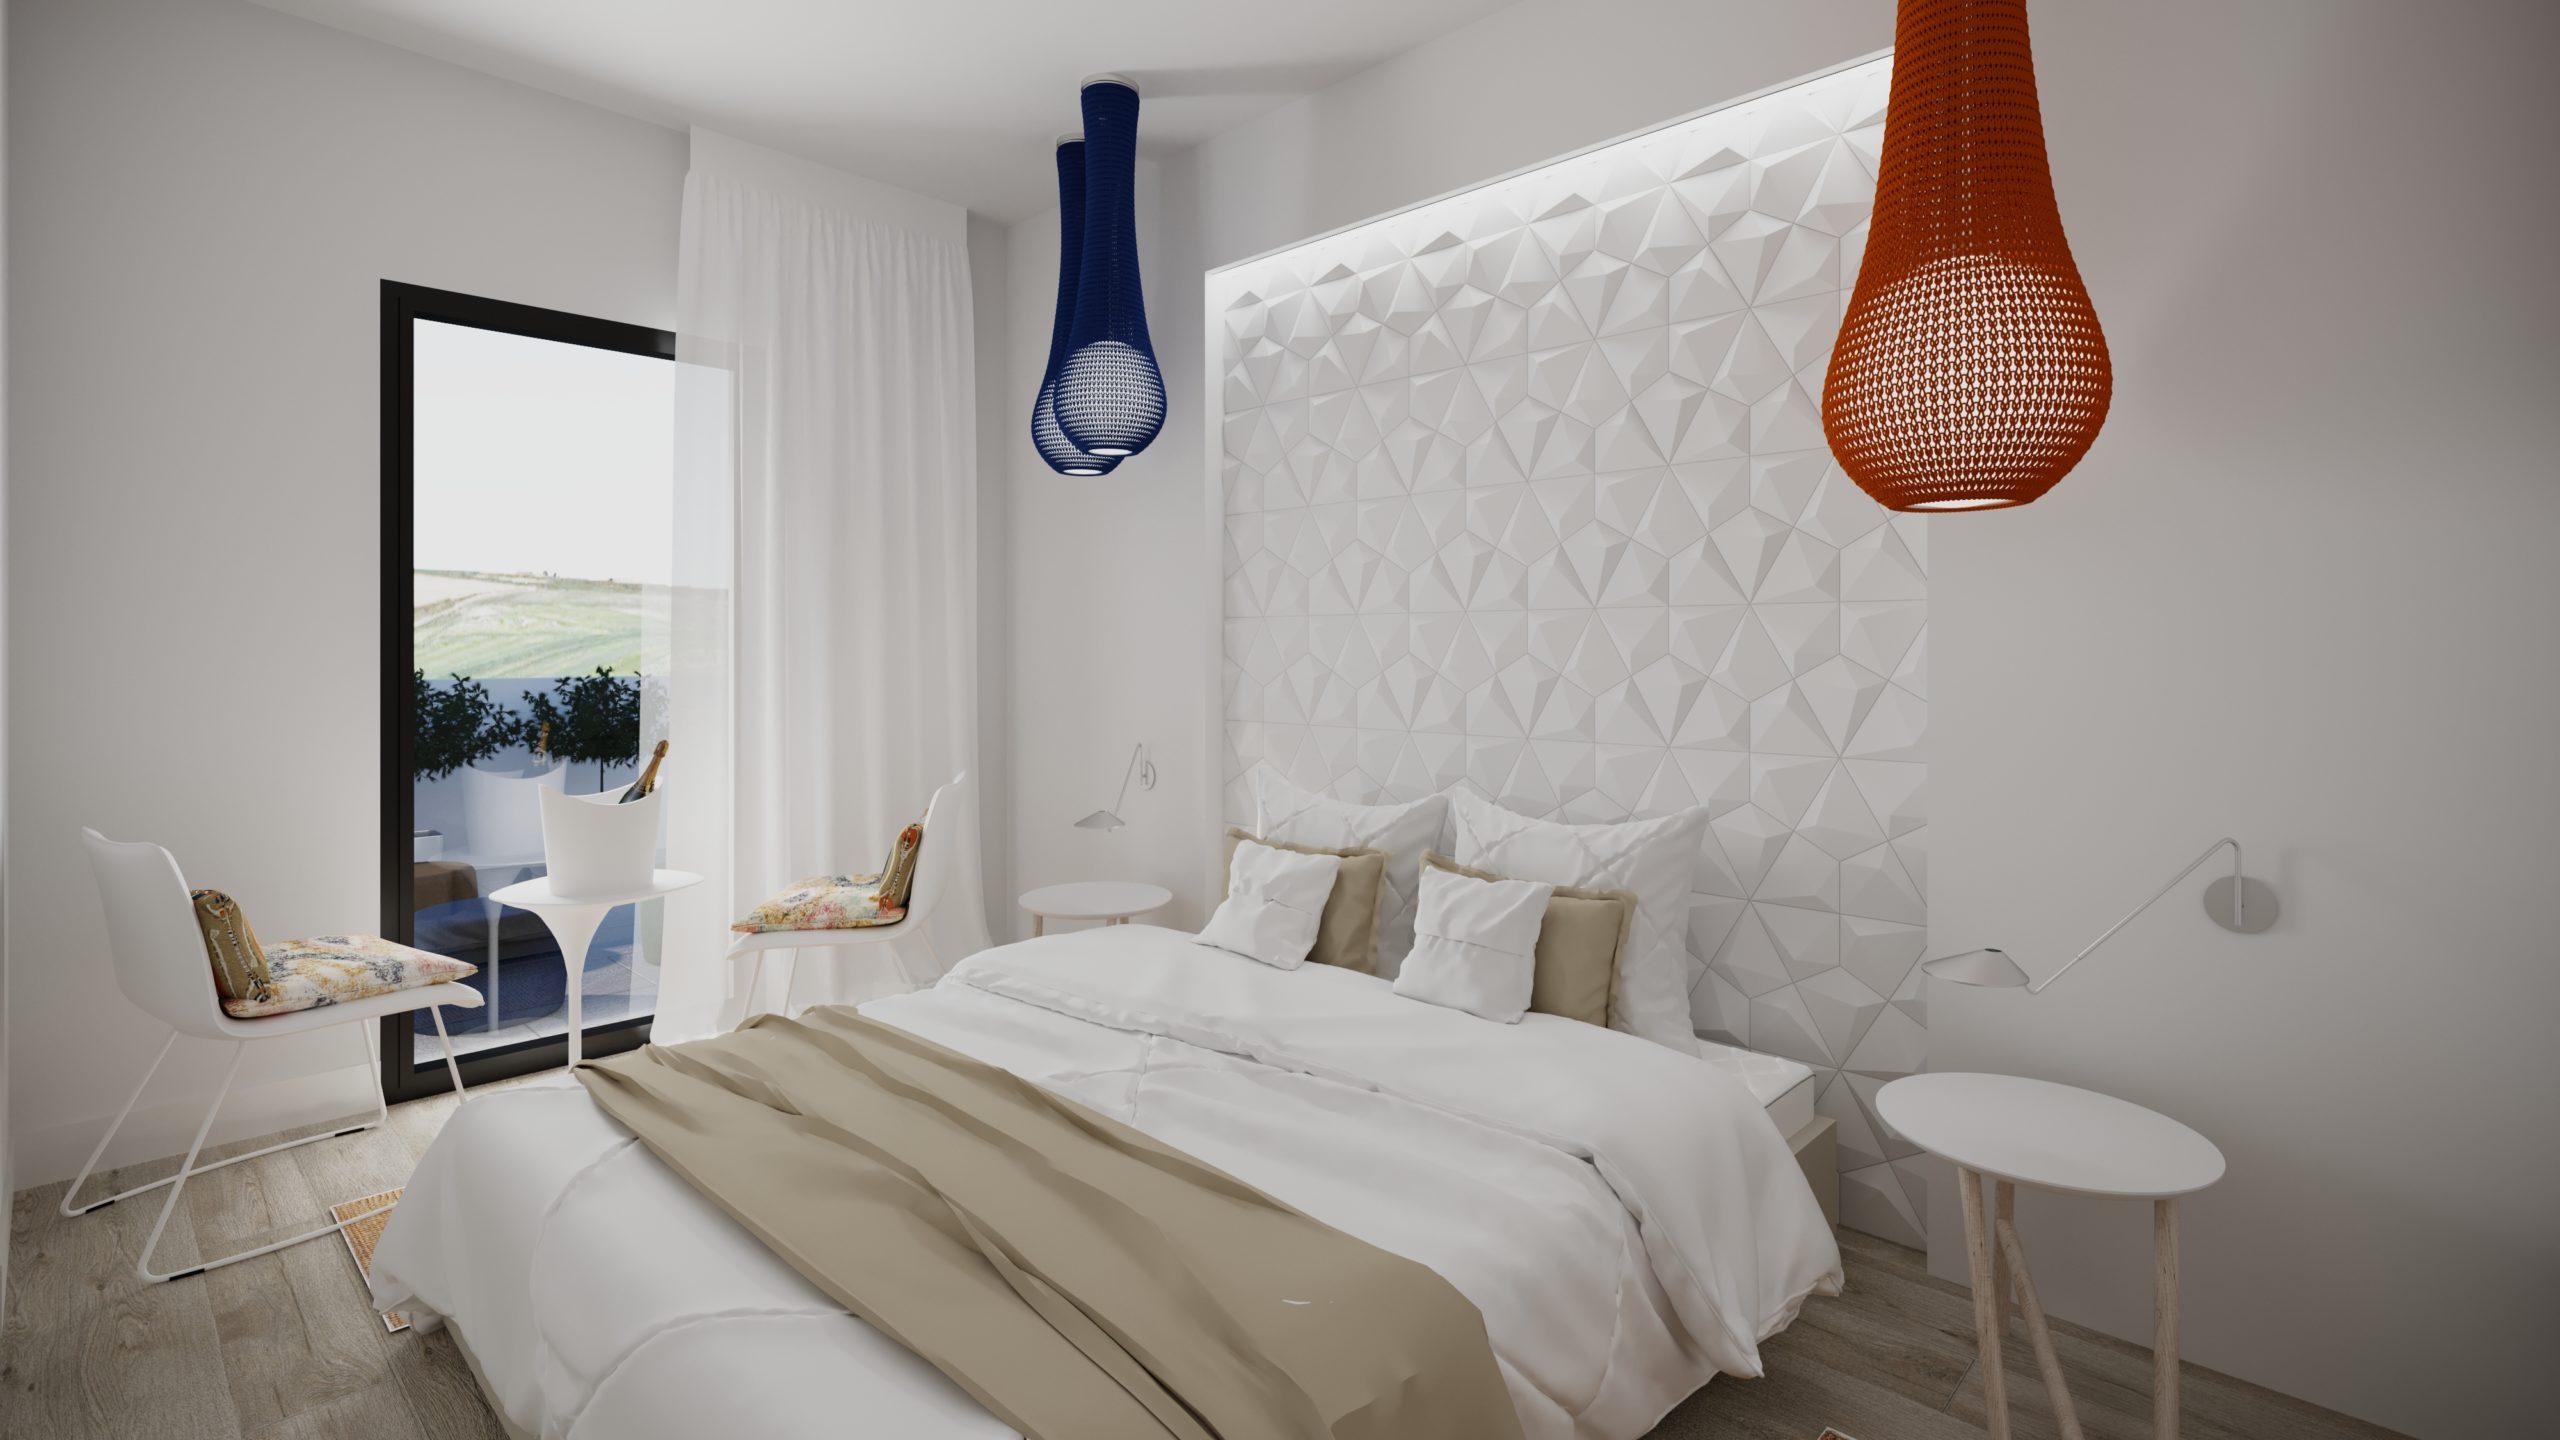 Dormitorio Ático 3 dormitorios